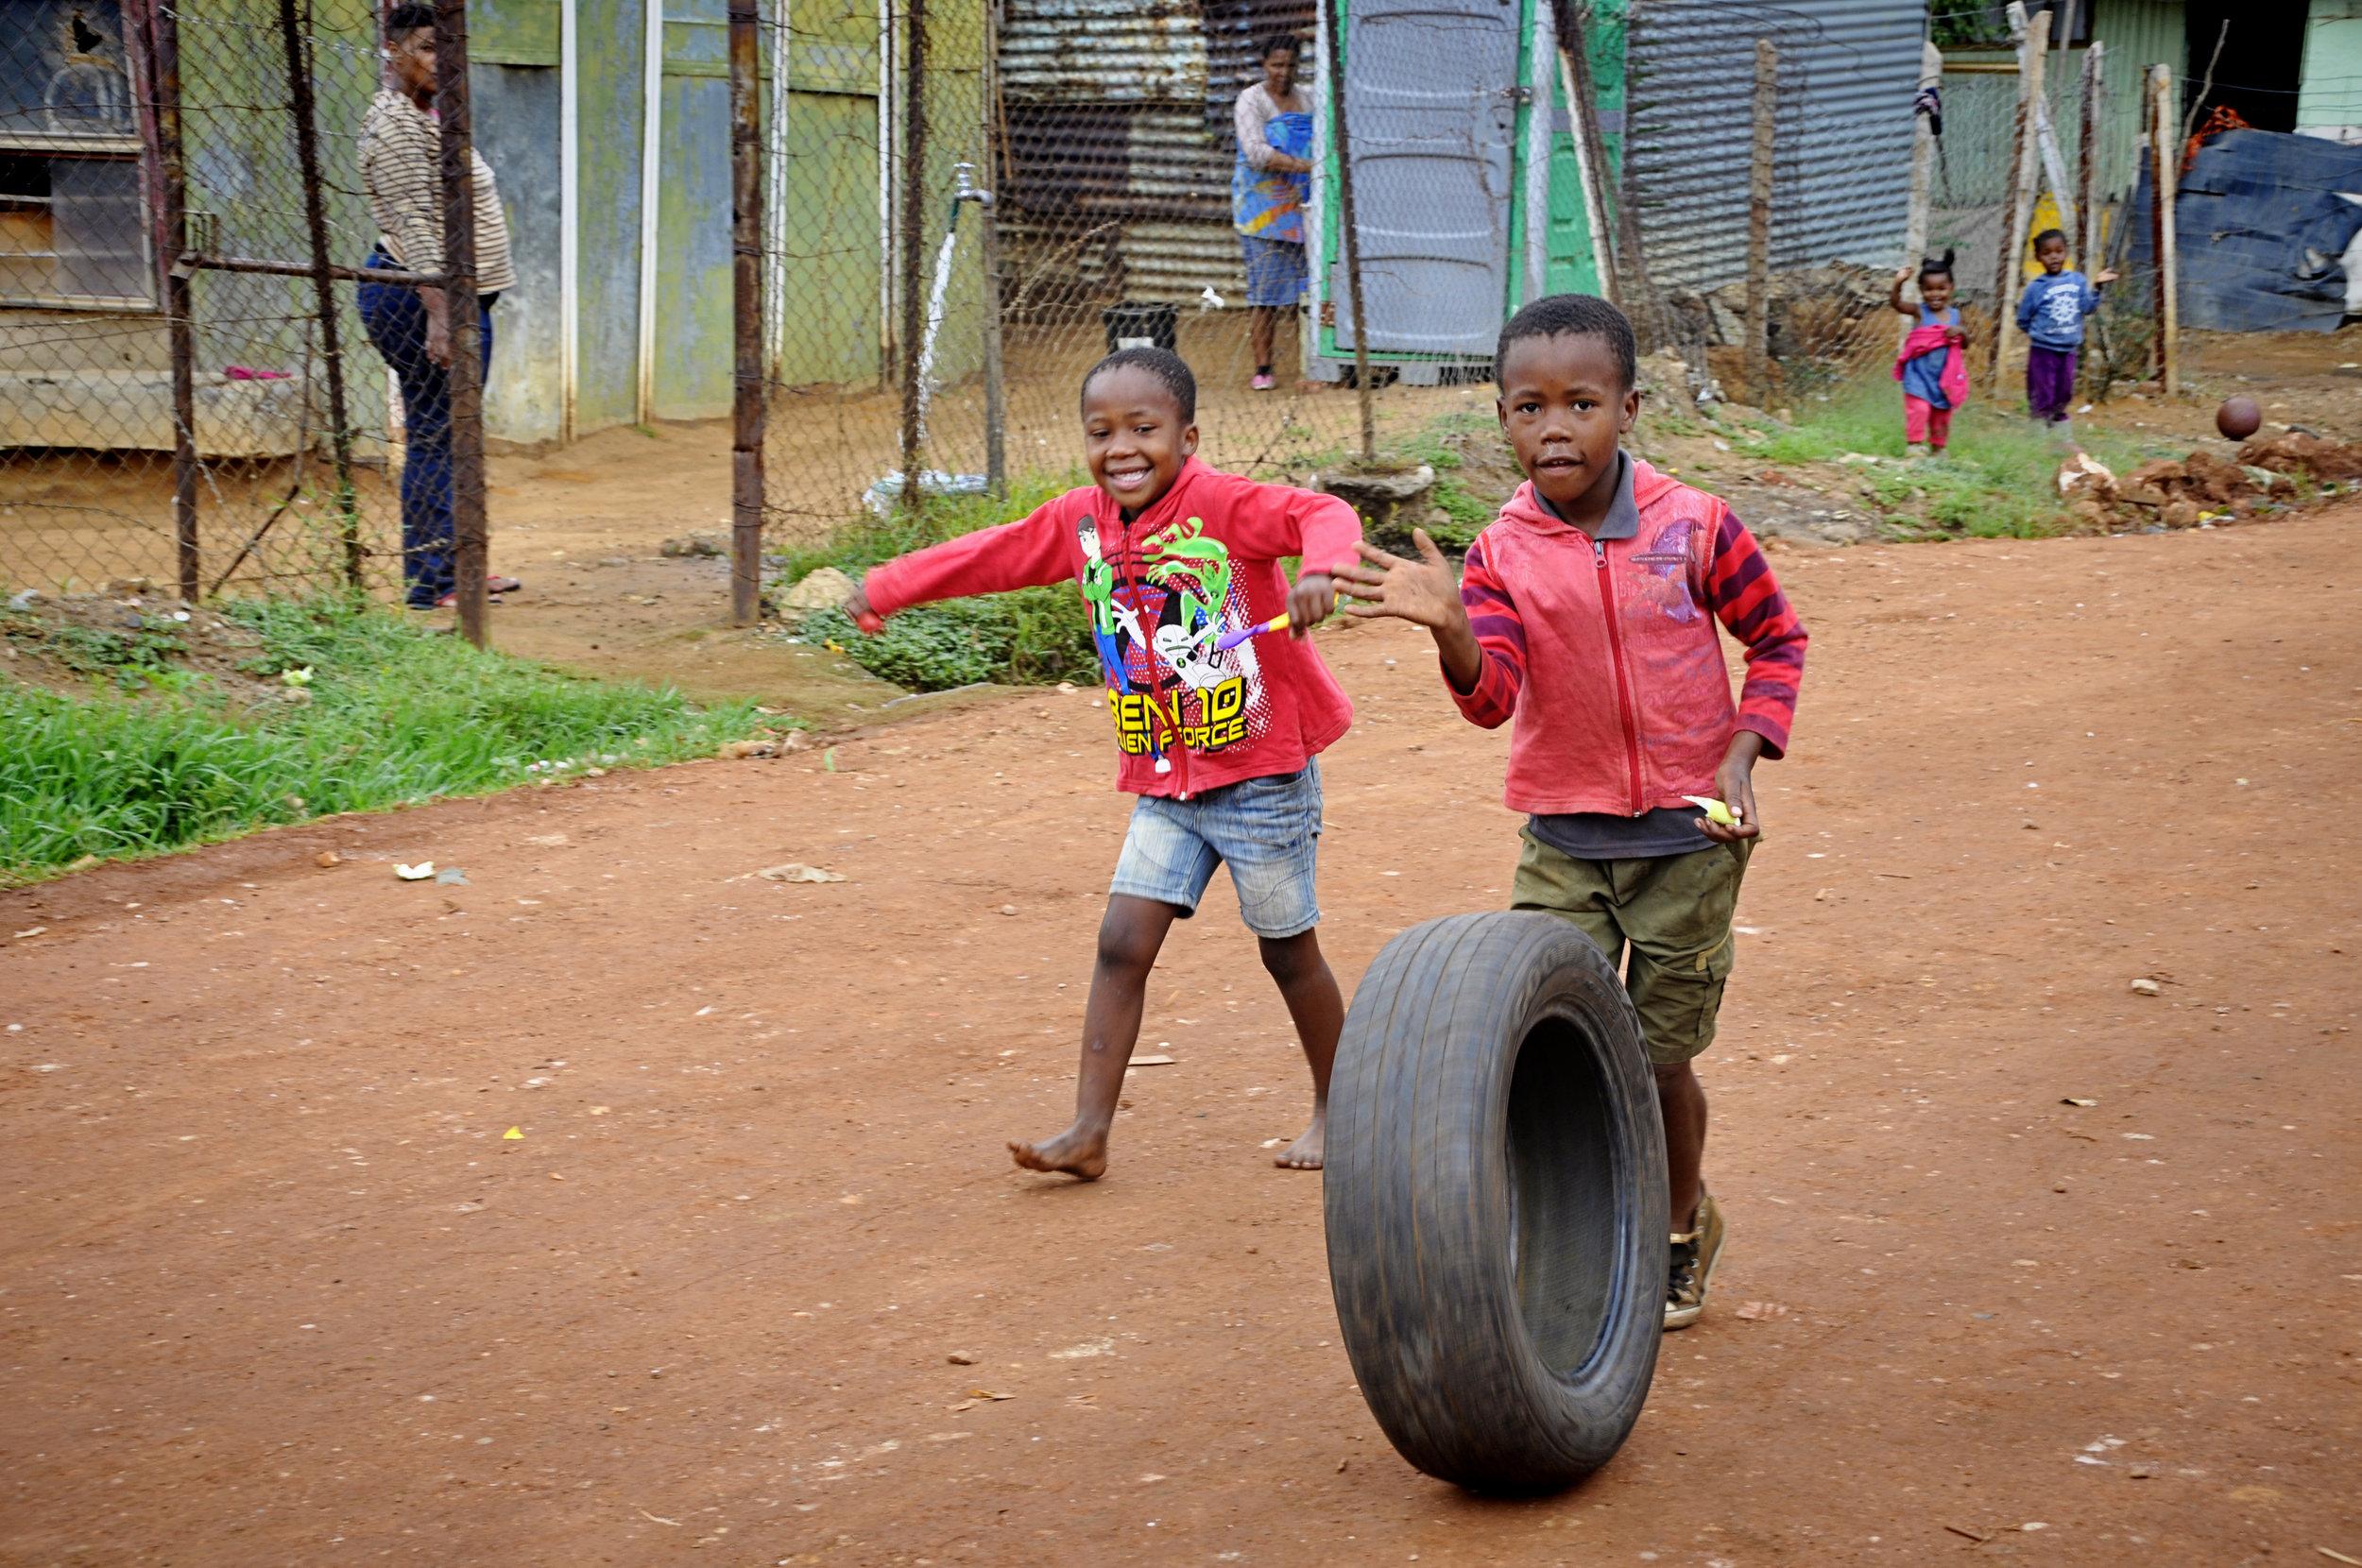 Africa-Johannesburg-34.jpg